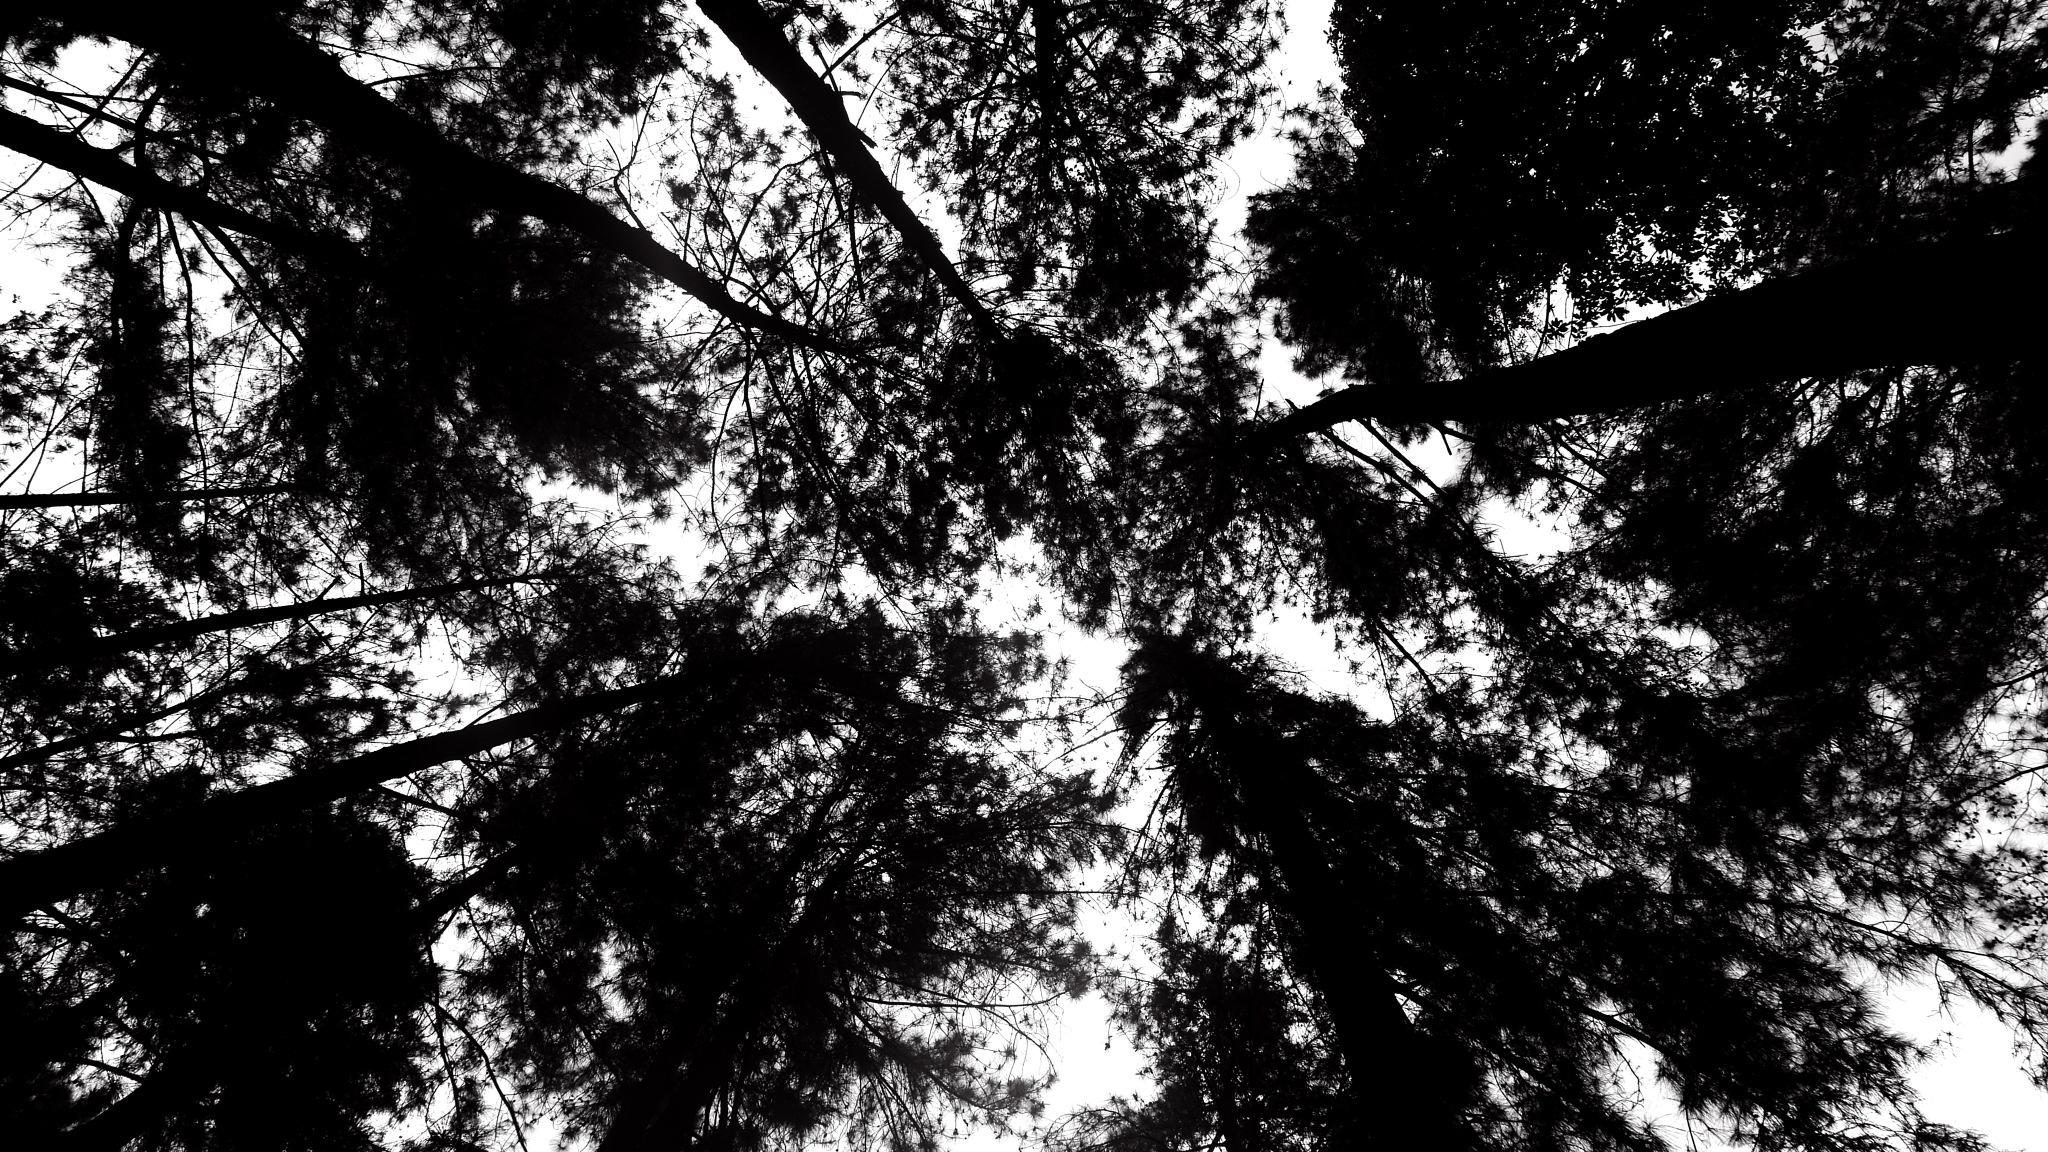 Dark Forest by Stevanus Setiawan Halim